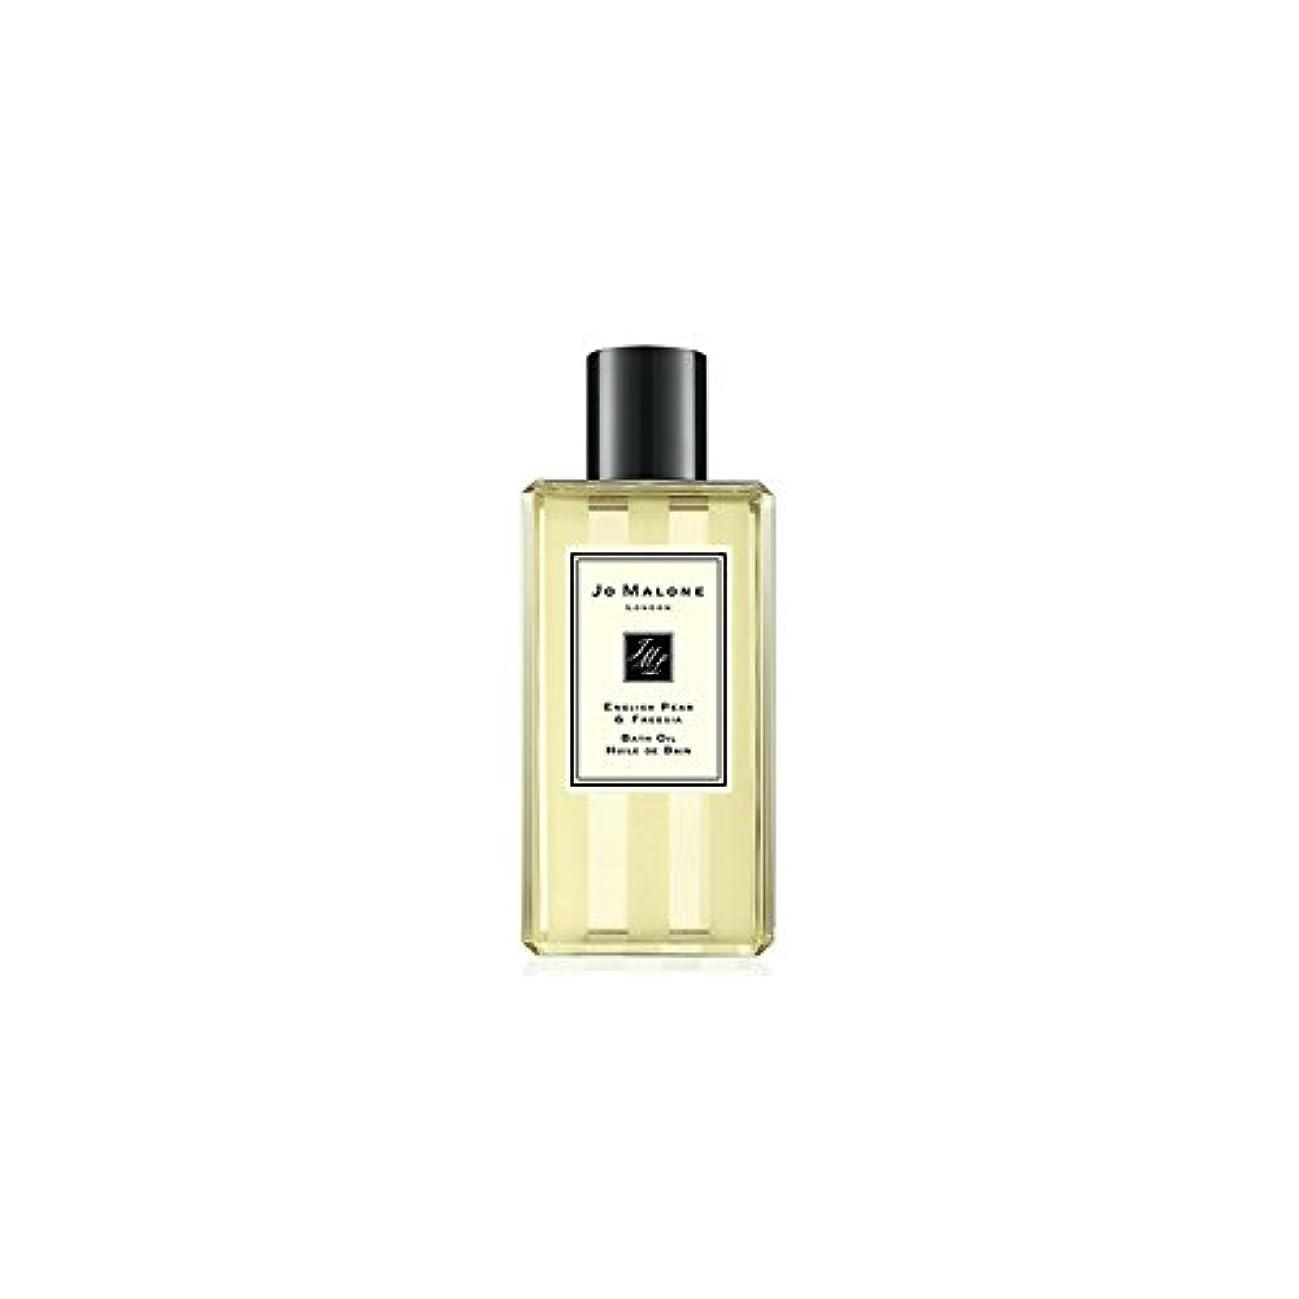 病保存変装Jo Malone English Pear & Freesia Bath Oil - 250ml (Pack of 2) - ジョーマローン英語梨&フリージアのバスオイル - 250ミリリットル (x2) [並行輸入品]